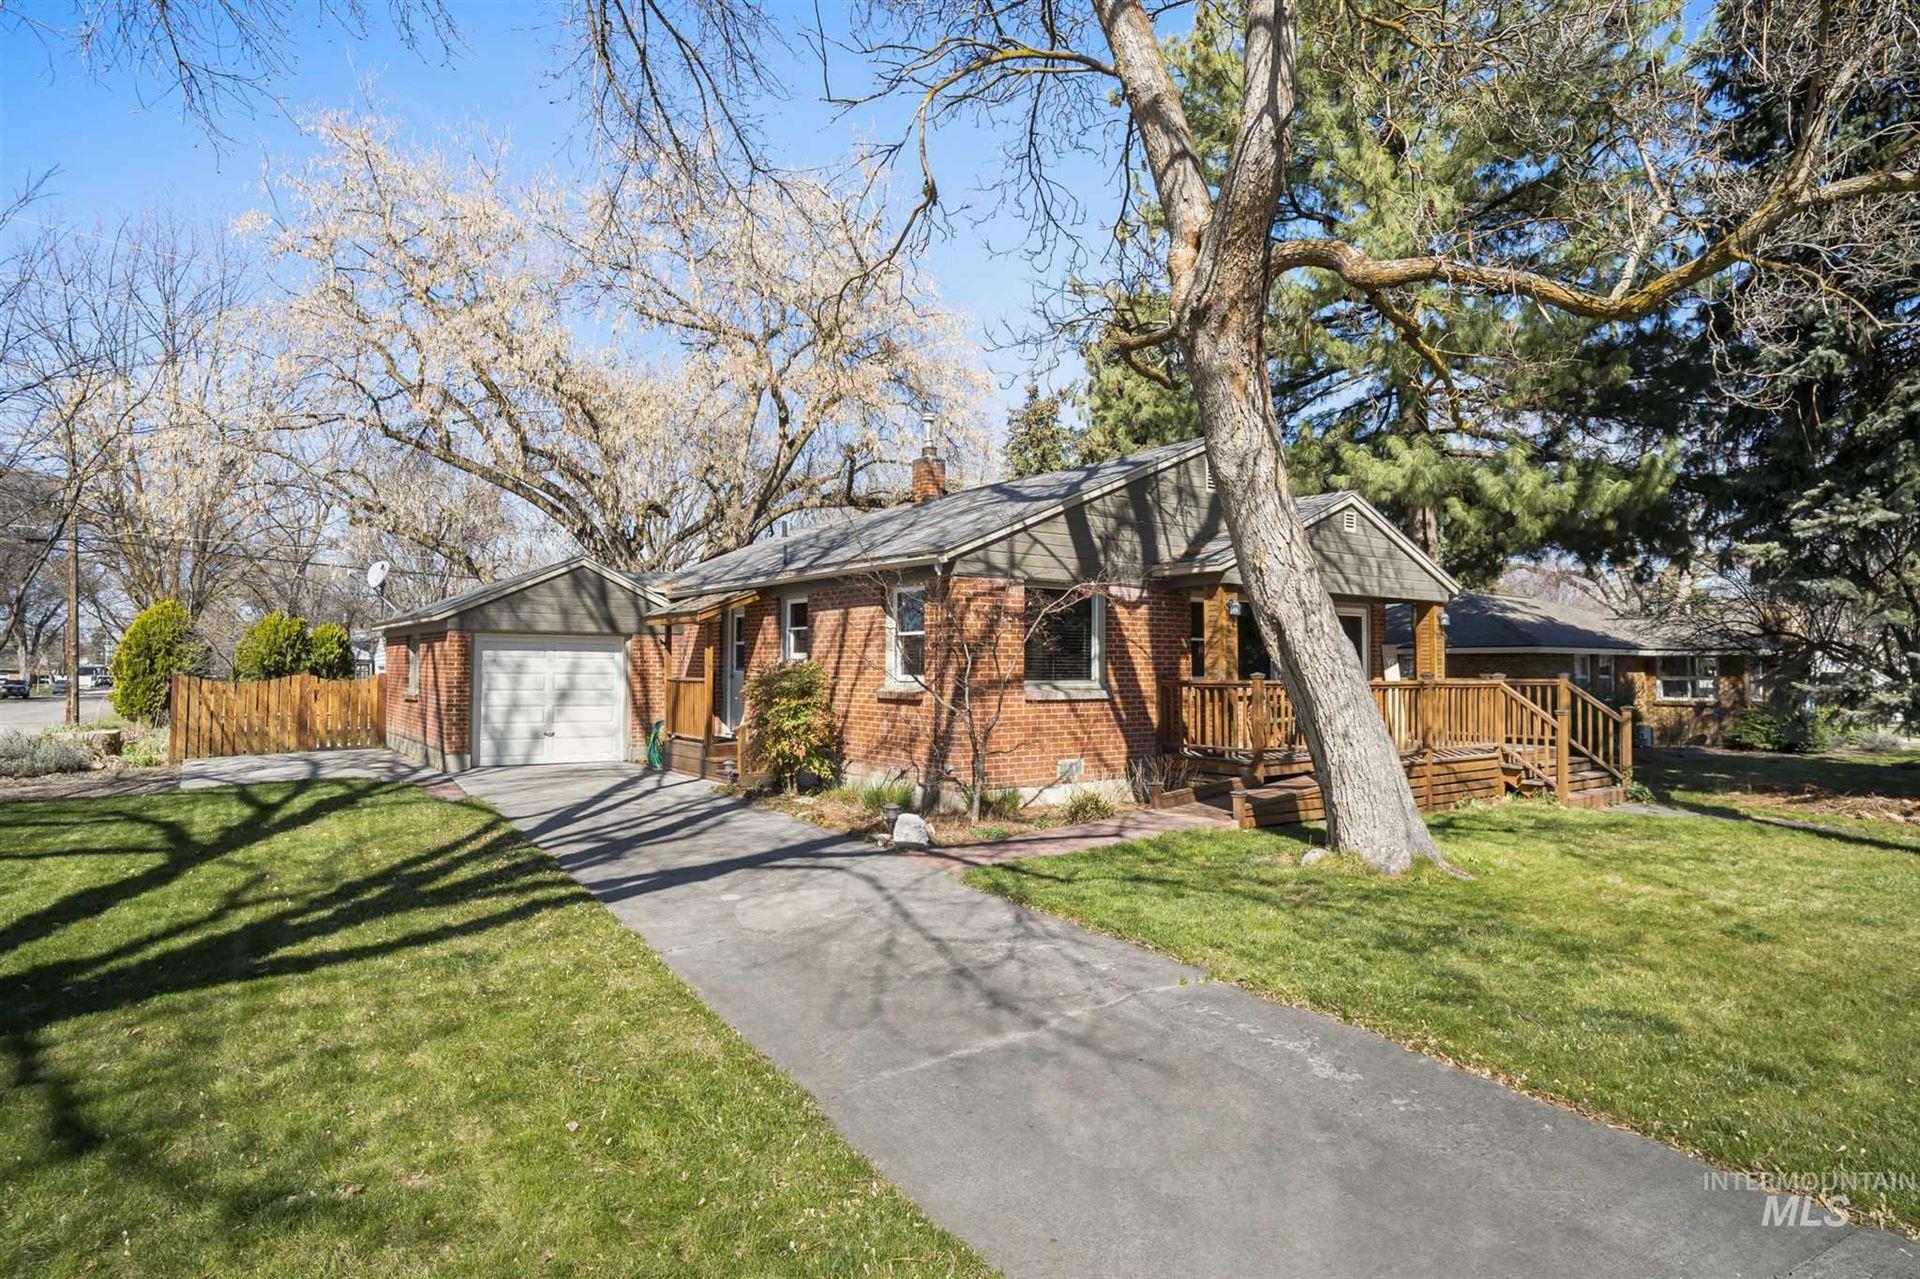 Photo of 2001 N 31st, Boise, ID 83703 (MLS # 98798245)